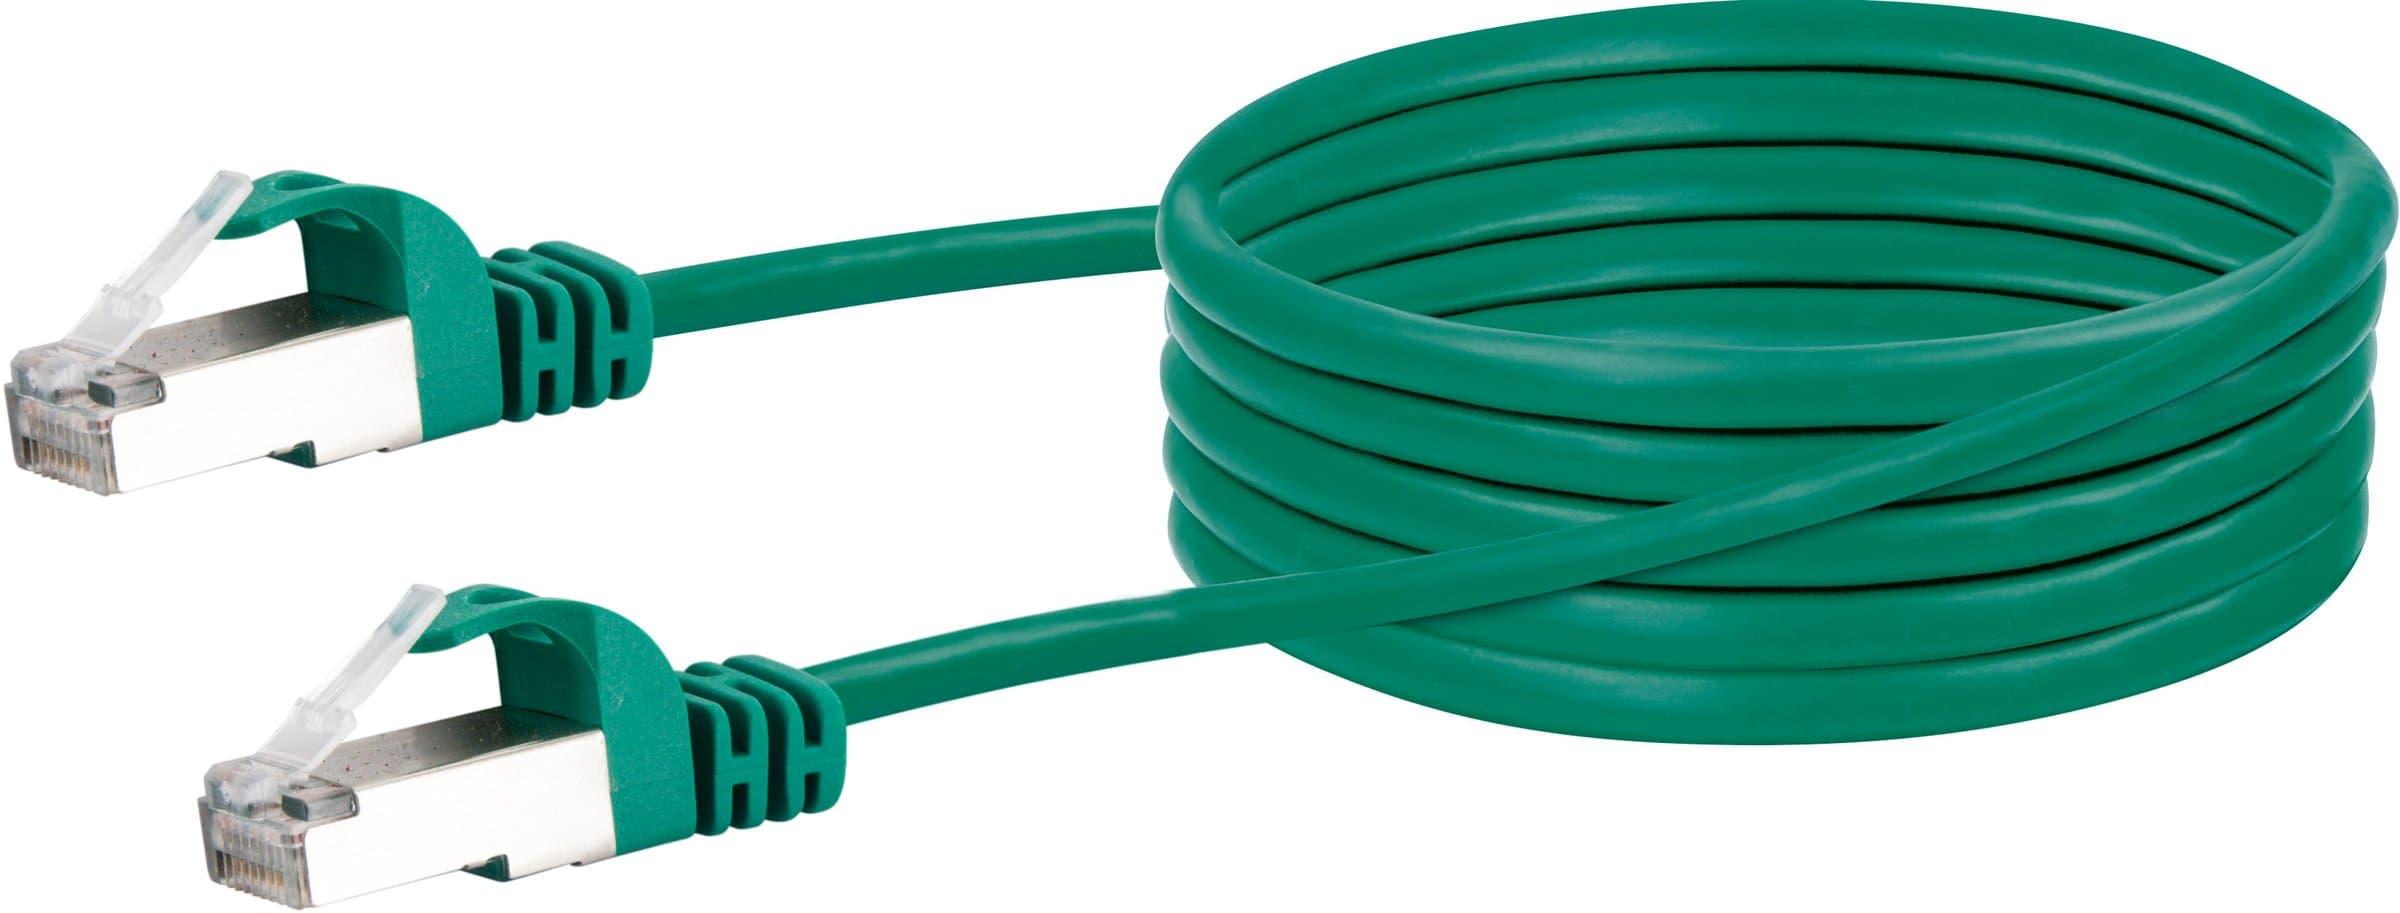 Schwaiger Cable de réseau S/FTP Cat. 6 1m vert